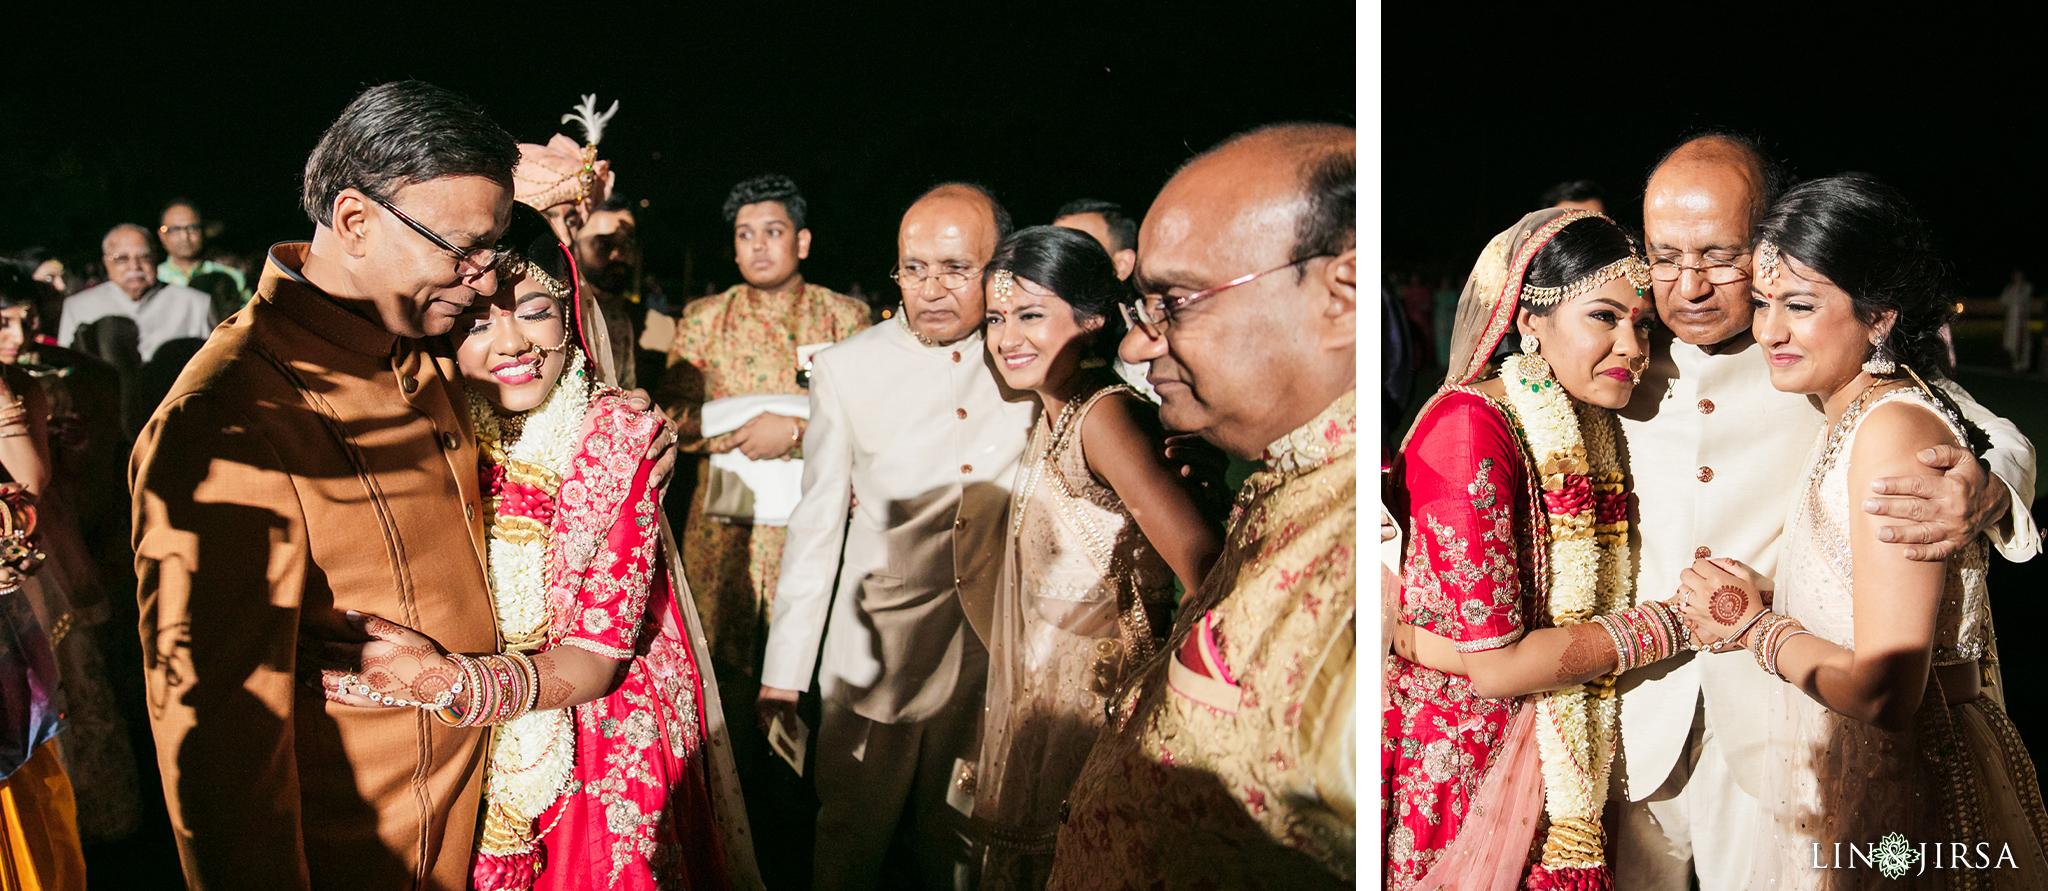 28 The Hilton Orlando Florida Indian Wedding Photography